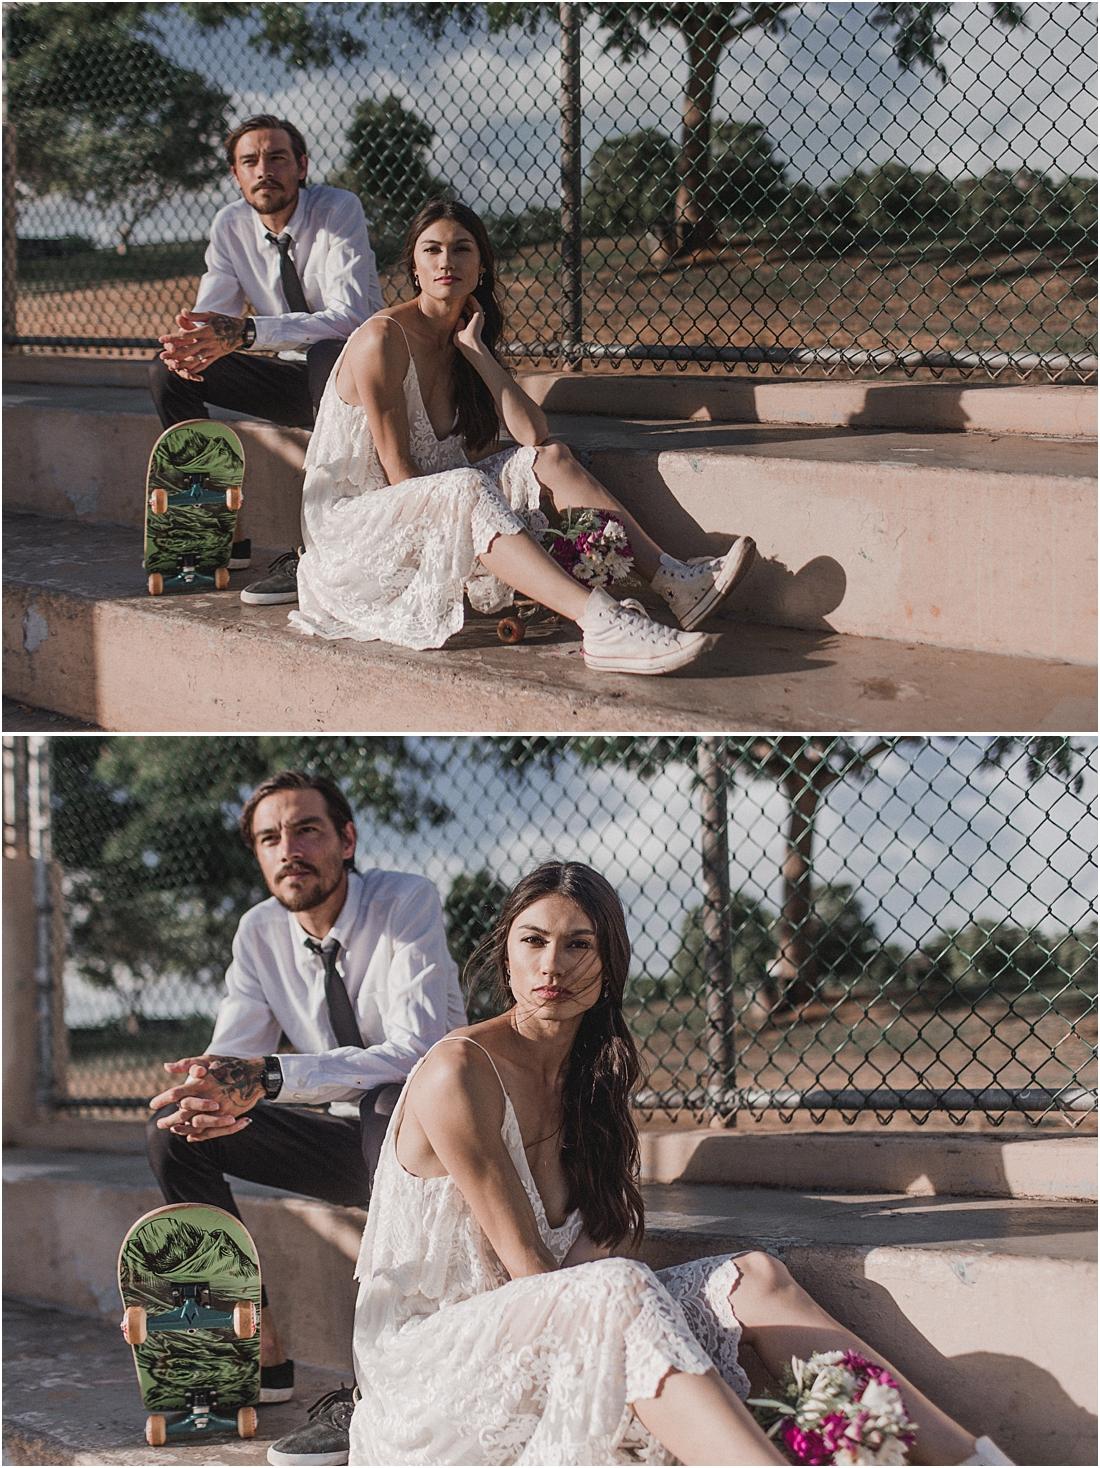 a-skateboard-wedding-9